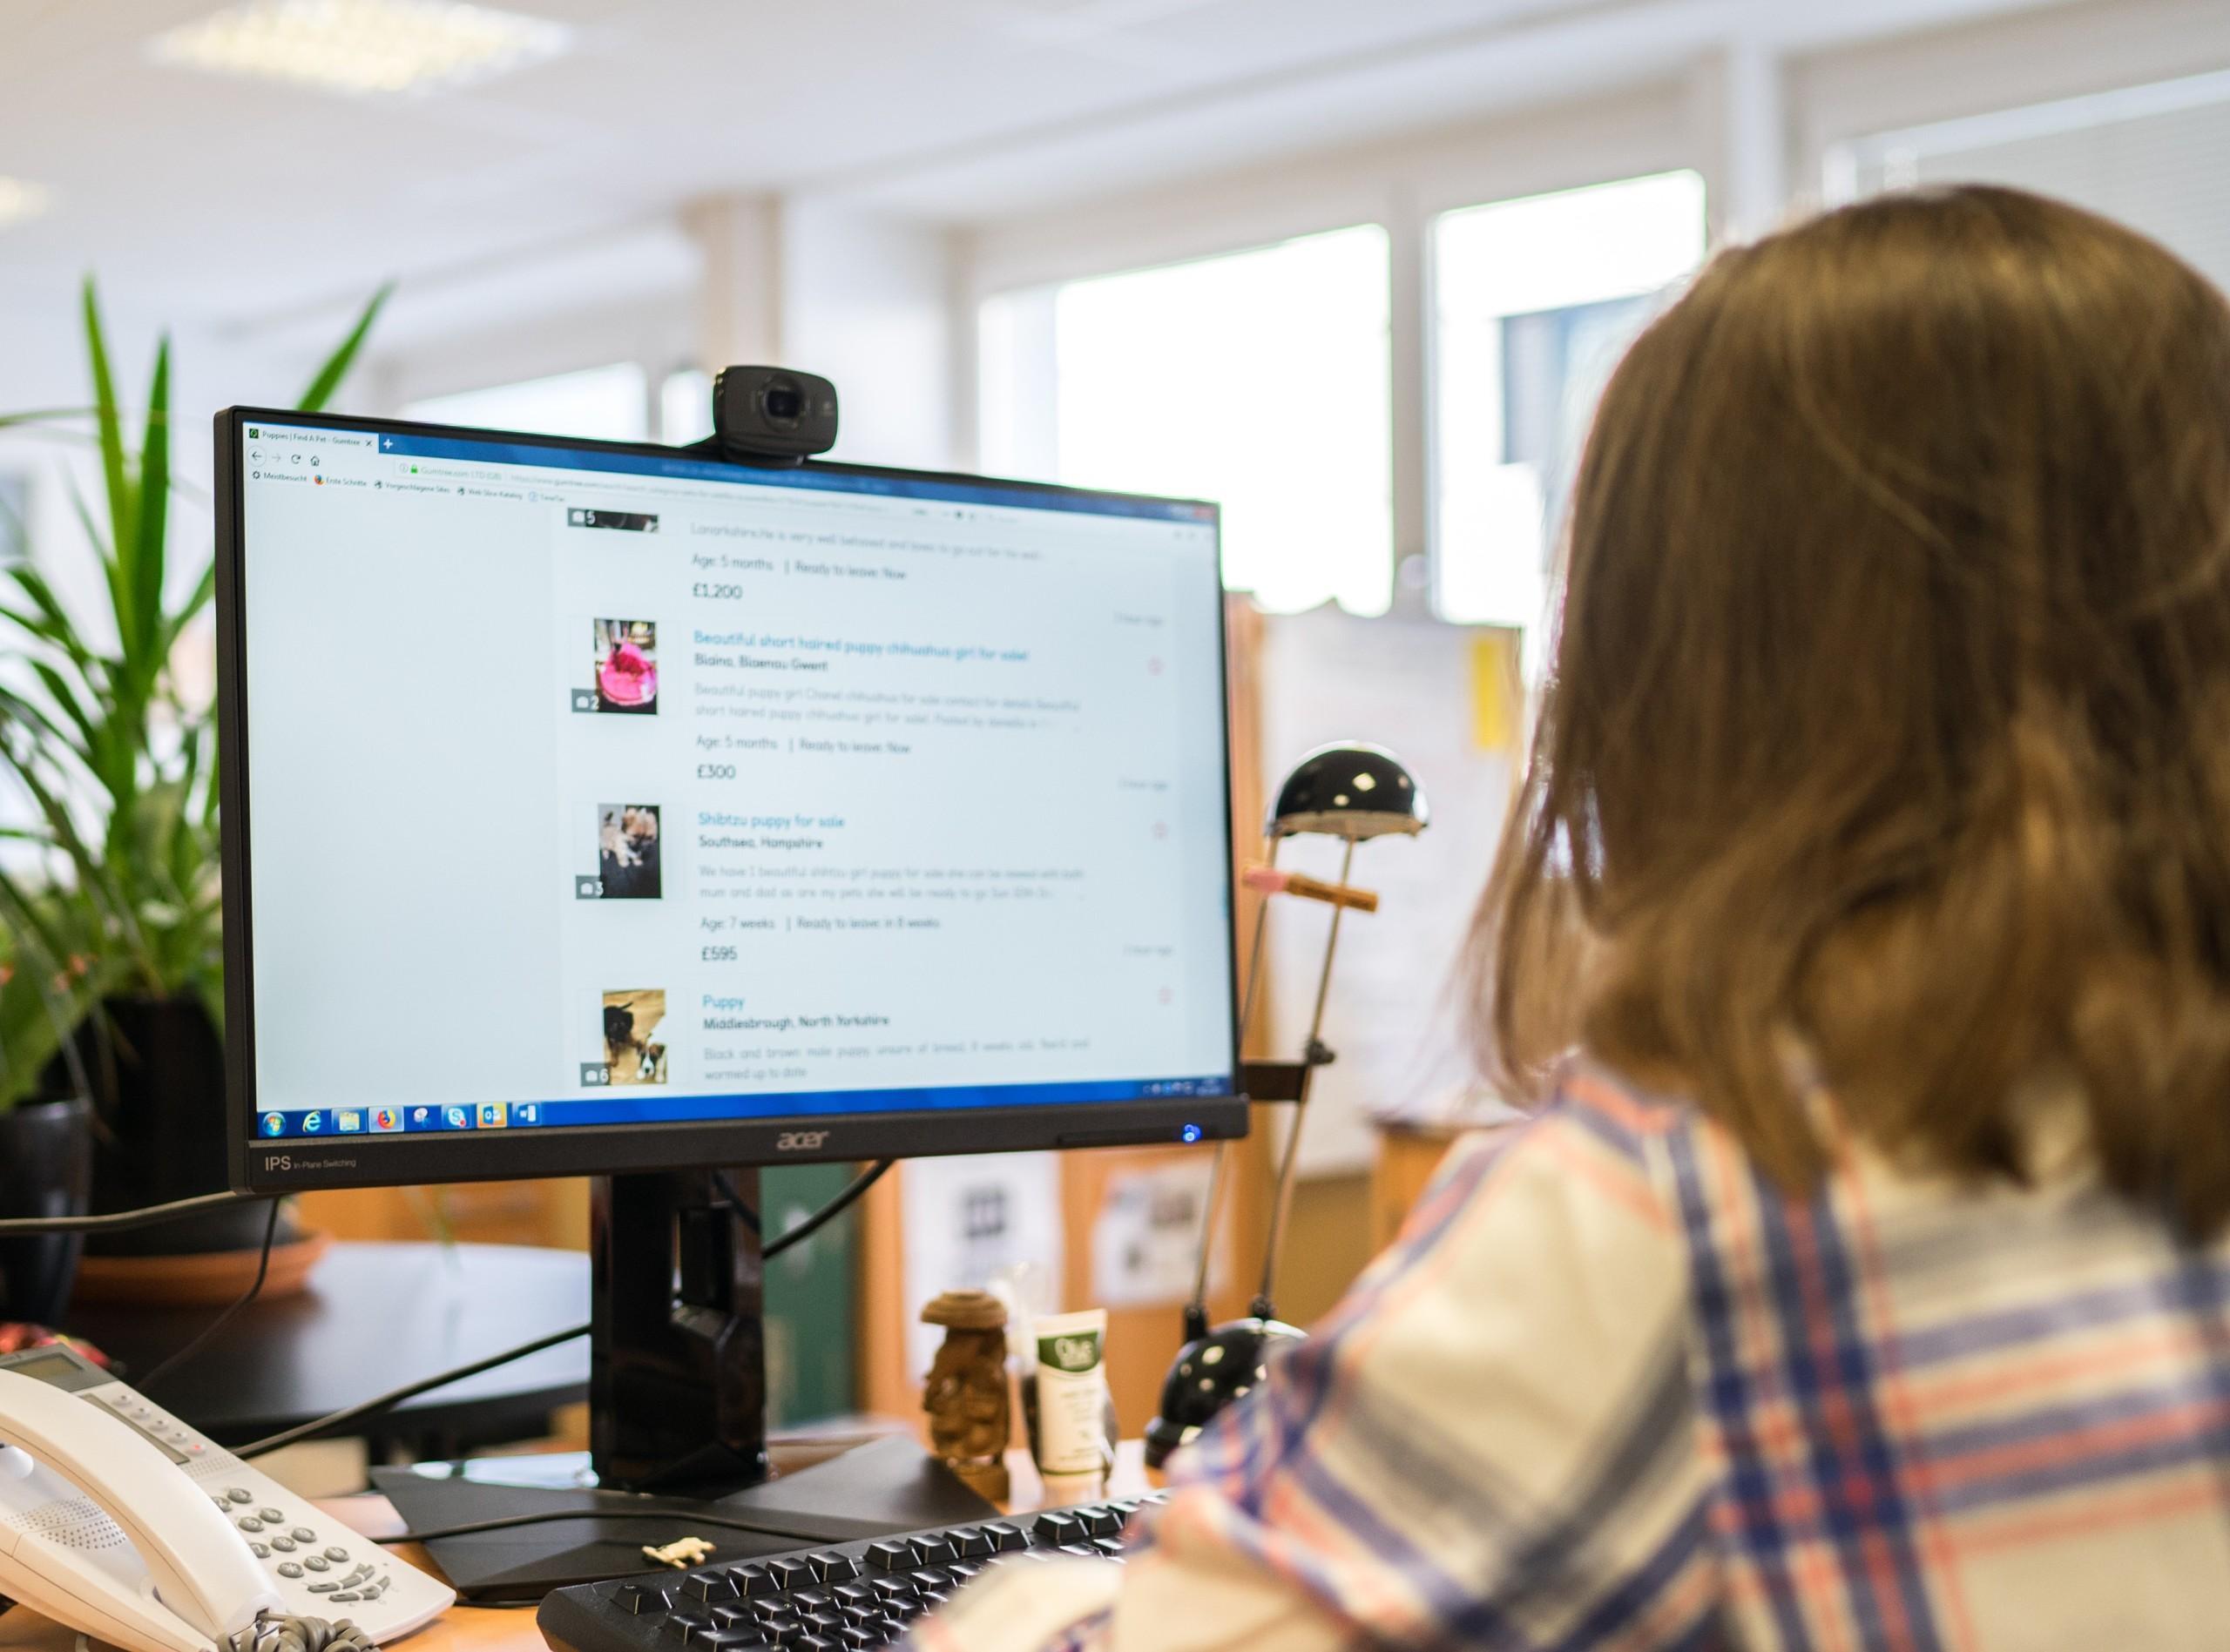 Symbolbild - illegale Welpenhadel-Kleinanzeigen auf einer Online-Plattform. Person sitzt vor dem Bildschirm und recherchiert